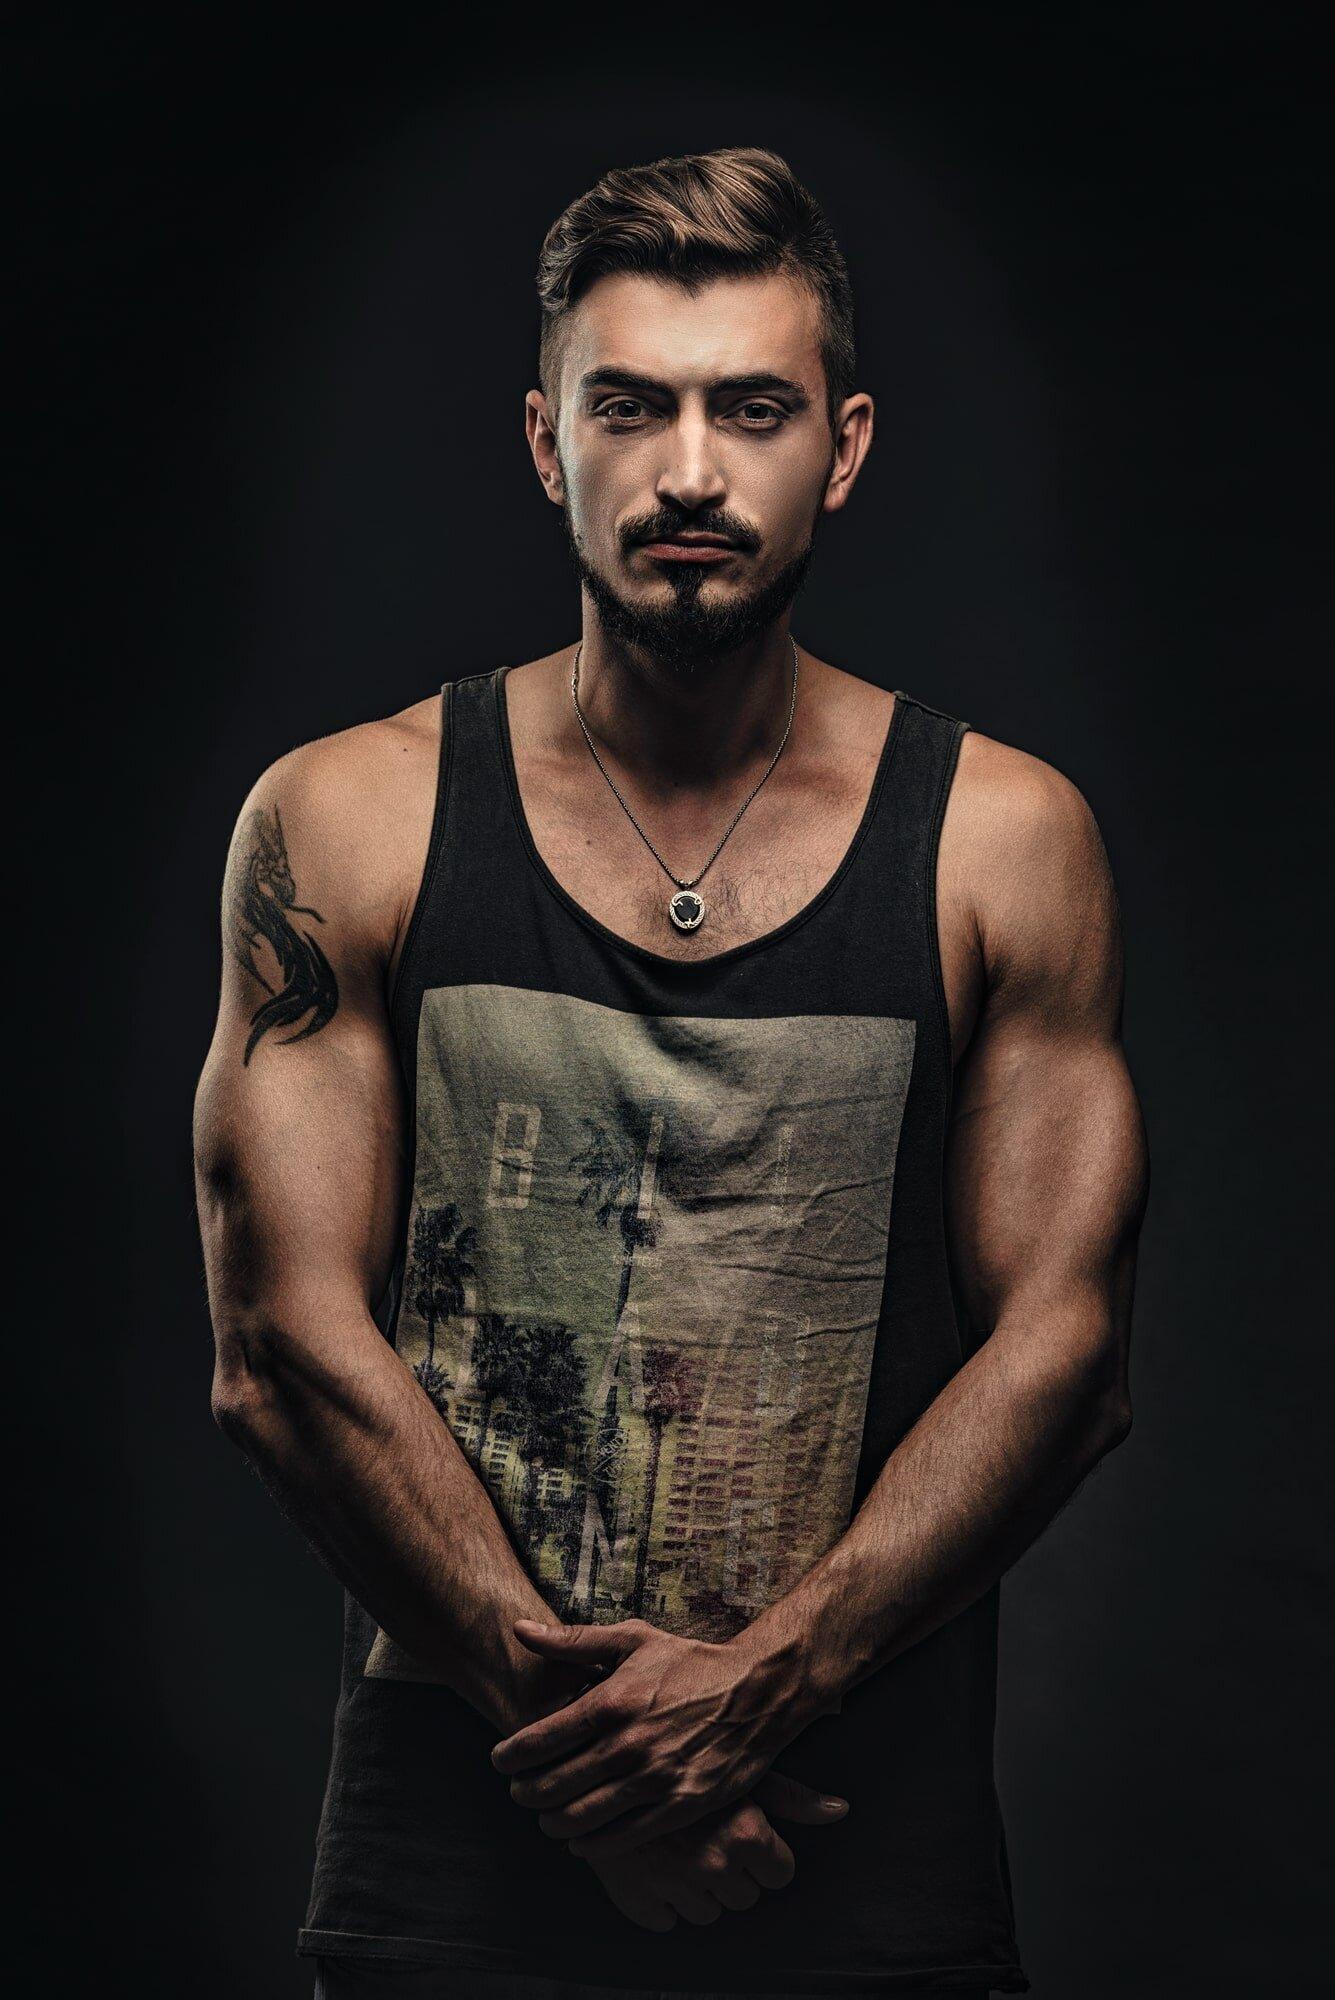 צילום פורטרט לבחור צעיר עם חולצה ללא שרוולים.